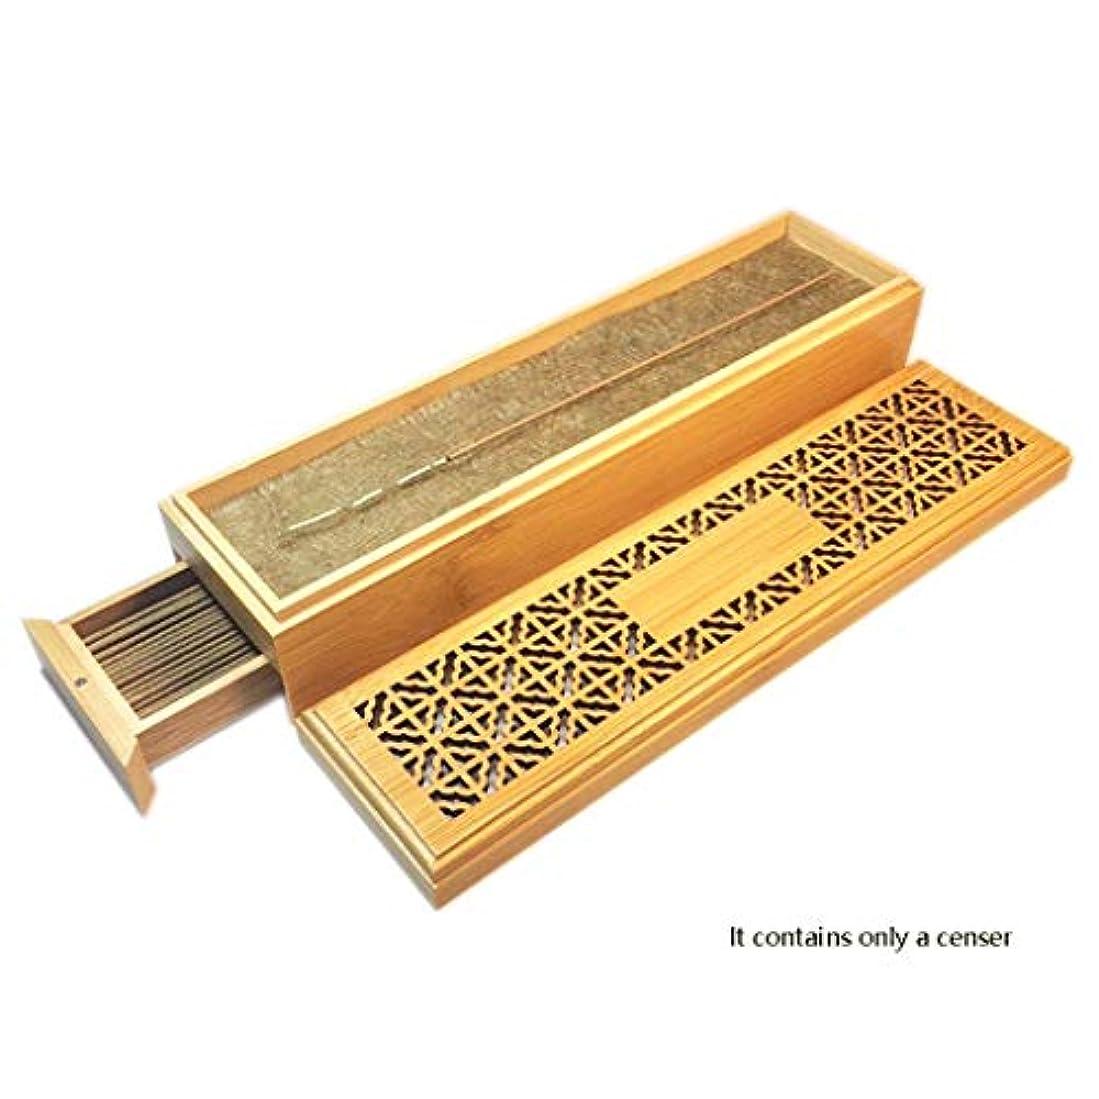 ファッション抜粋確実ホームアロマバーナー 竹製お香バーナー引き出し付スティック収納ボックス中空木製ケースボックスIncensoスティックホルダー 芳香器アロマバーナー (Color : Natural)